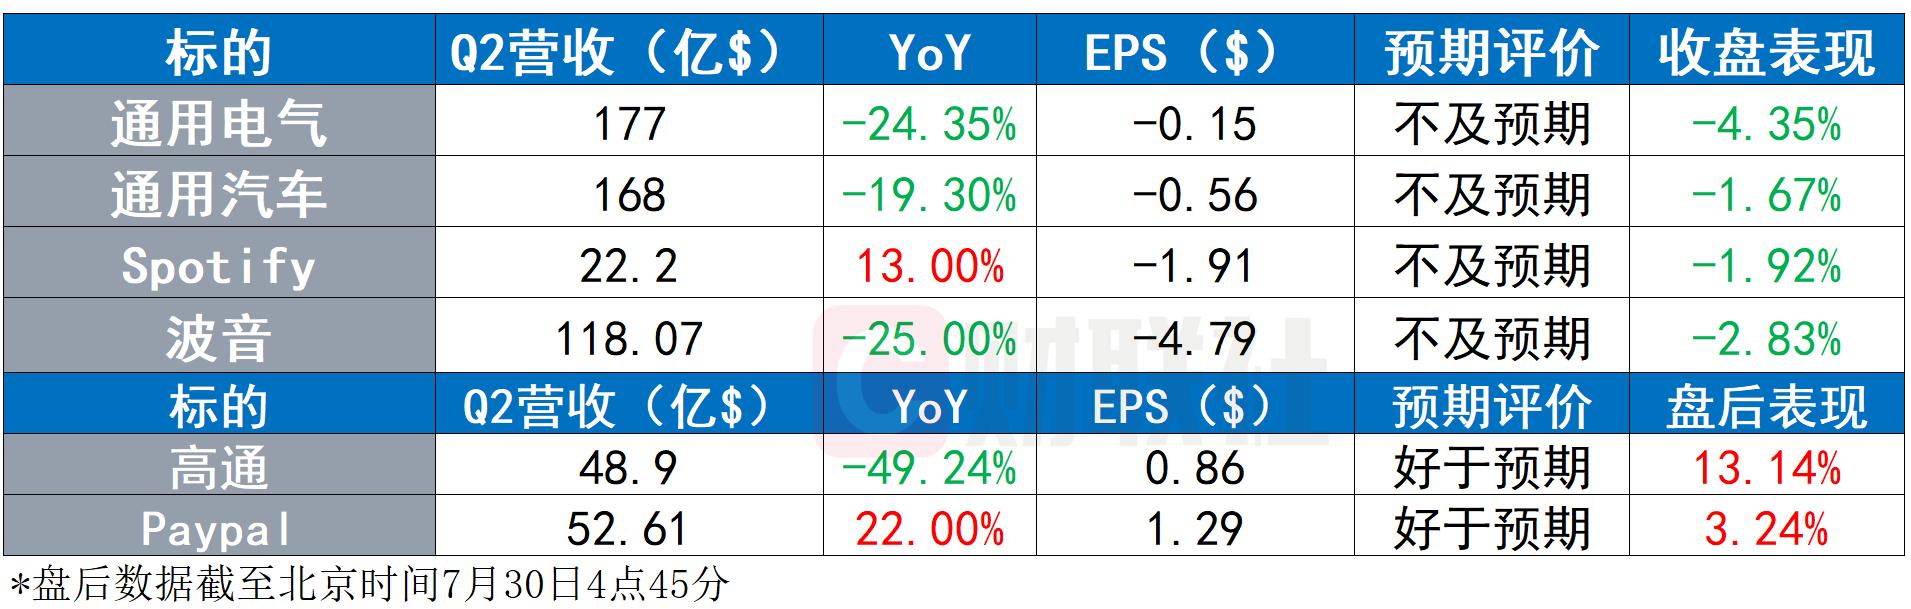 """美股收盘:美联储再度重申""""不加息"""" 三大股指集体上涨"""